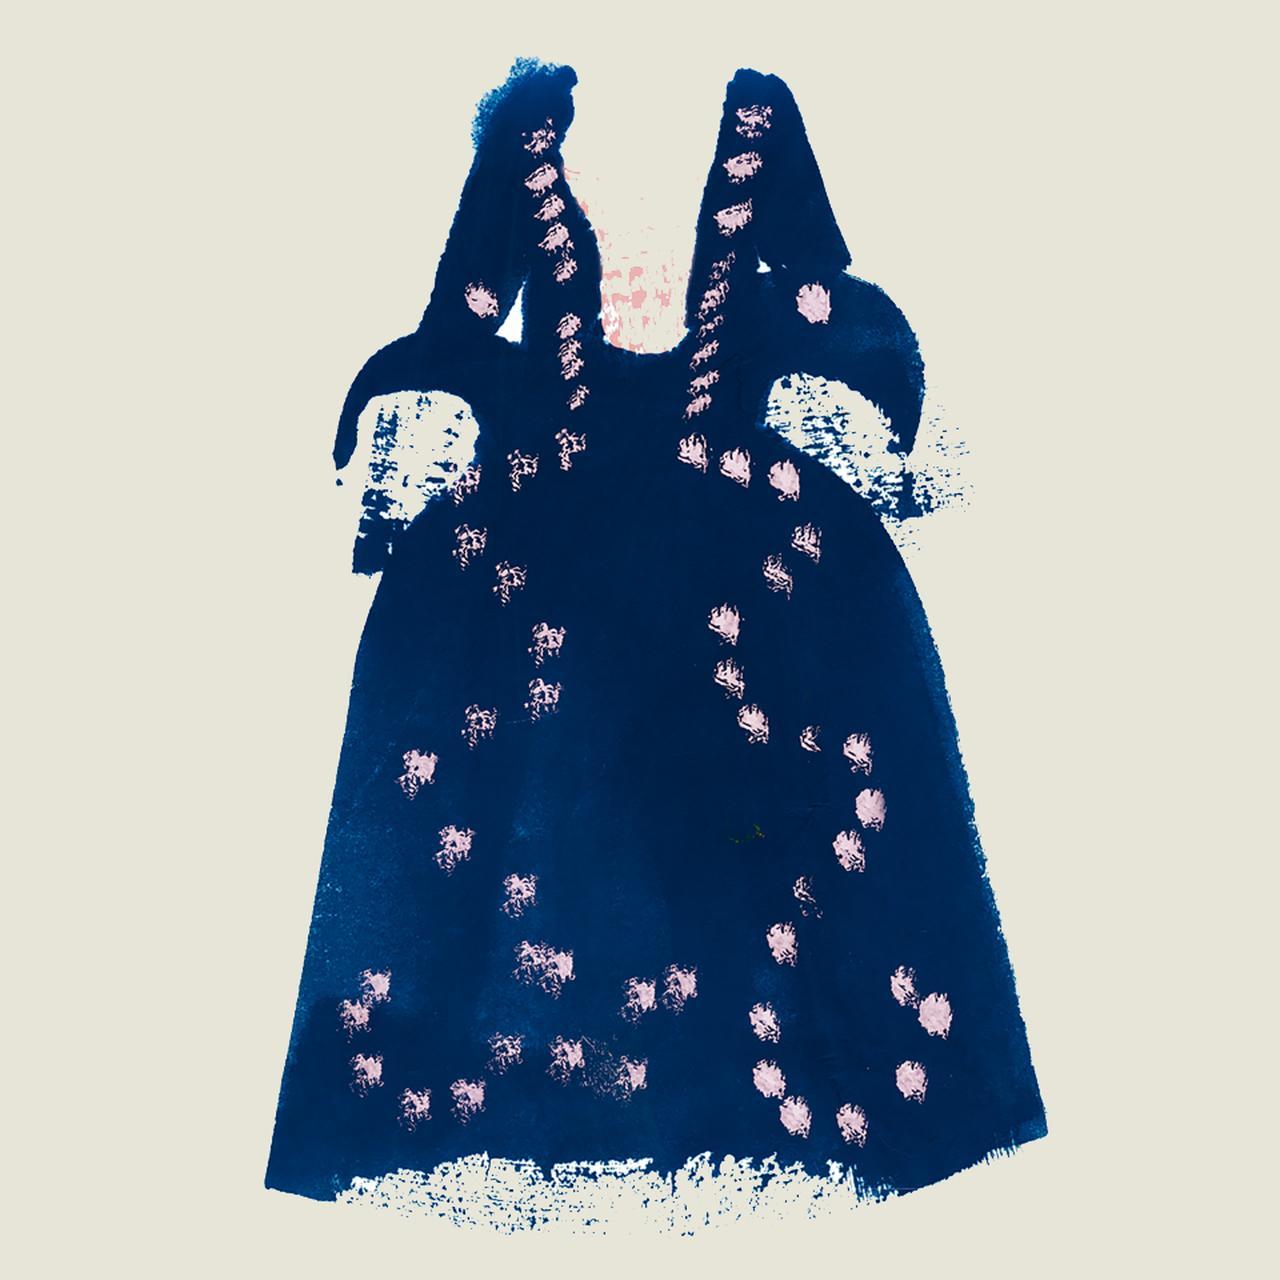 Images : 1番目の画像 - 「連載 Vol.1 コレクションは持ち主を語る。 グレン・クローズの衣装」のアルバム - T JAPAN:The New York Times Style Magazine 公式サイト